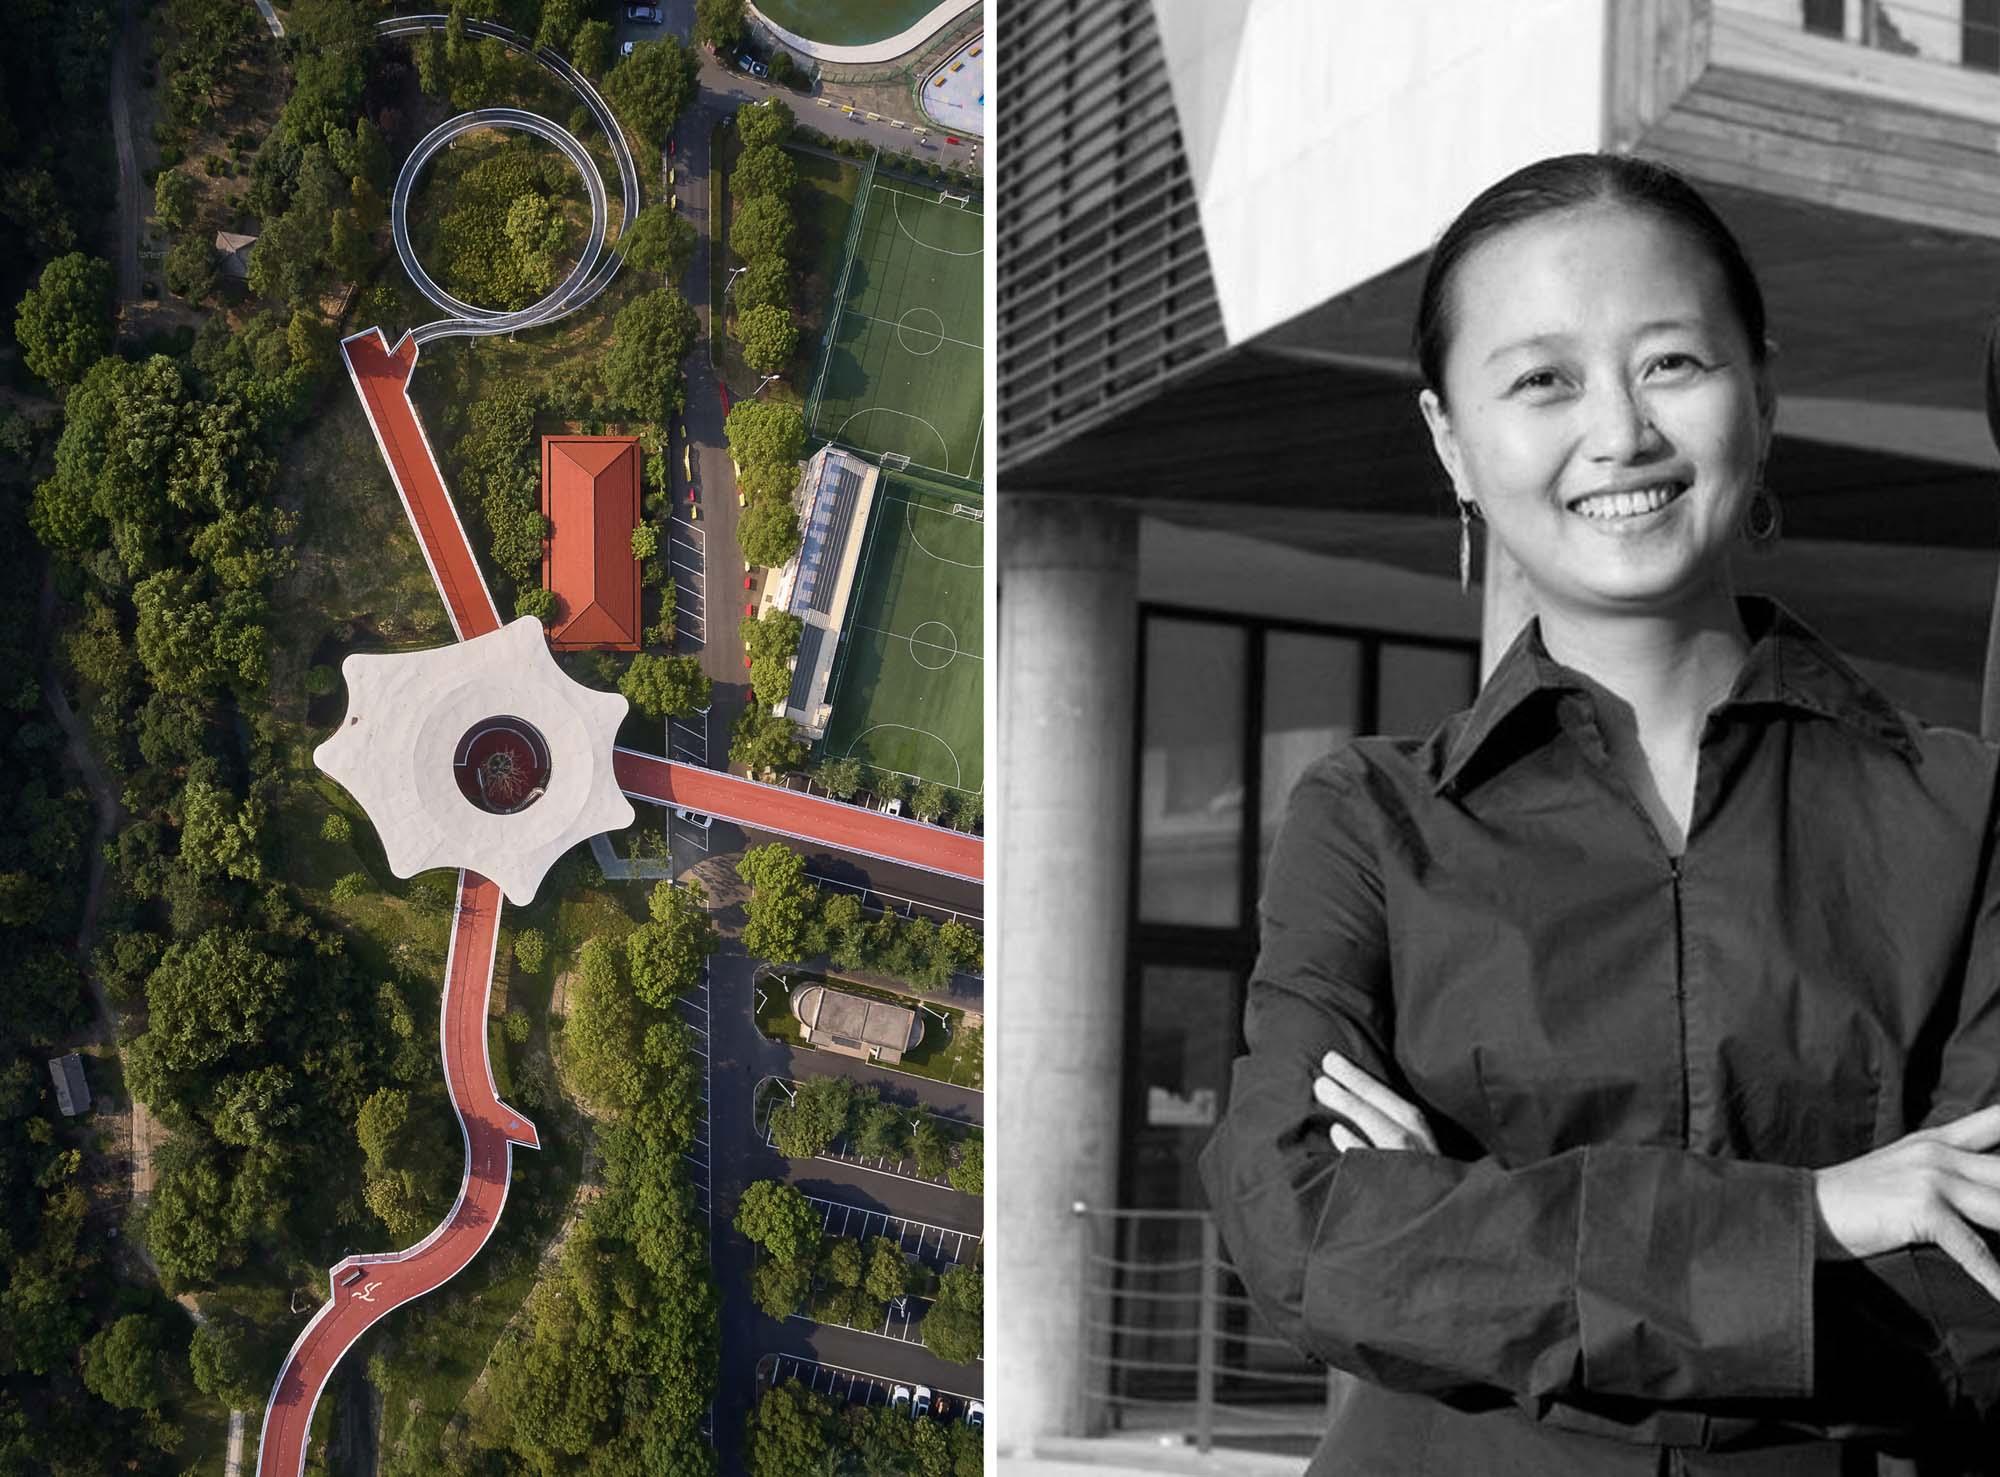 Trái: Jiangyin Greenway - Dệt và may, Giang Tô, Trung Quốc, Ban giám khảo giải thưởng A + 2020 & Winnerin nổi tiếng hạng mục Quy hoạch tổng thể đô thị; Phải: Fang Qun qua Architonic